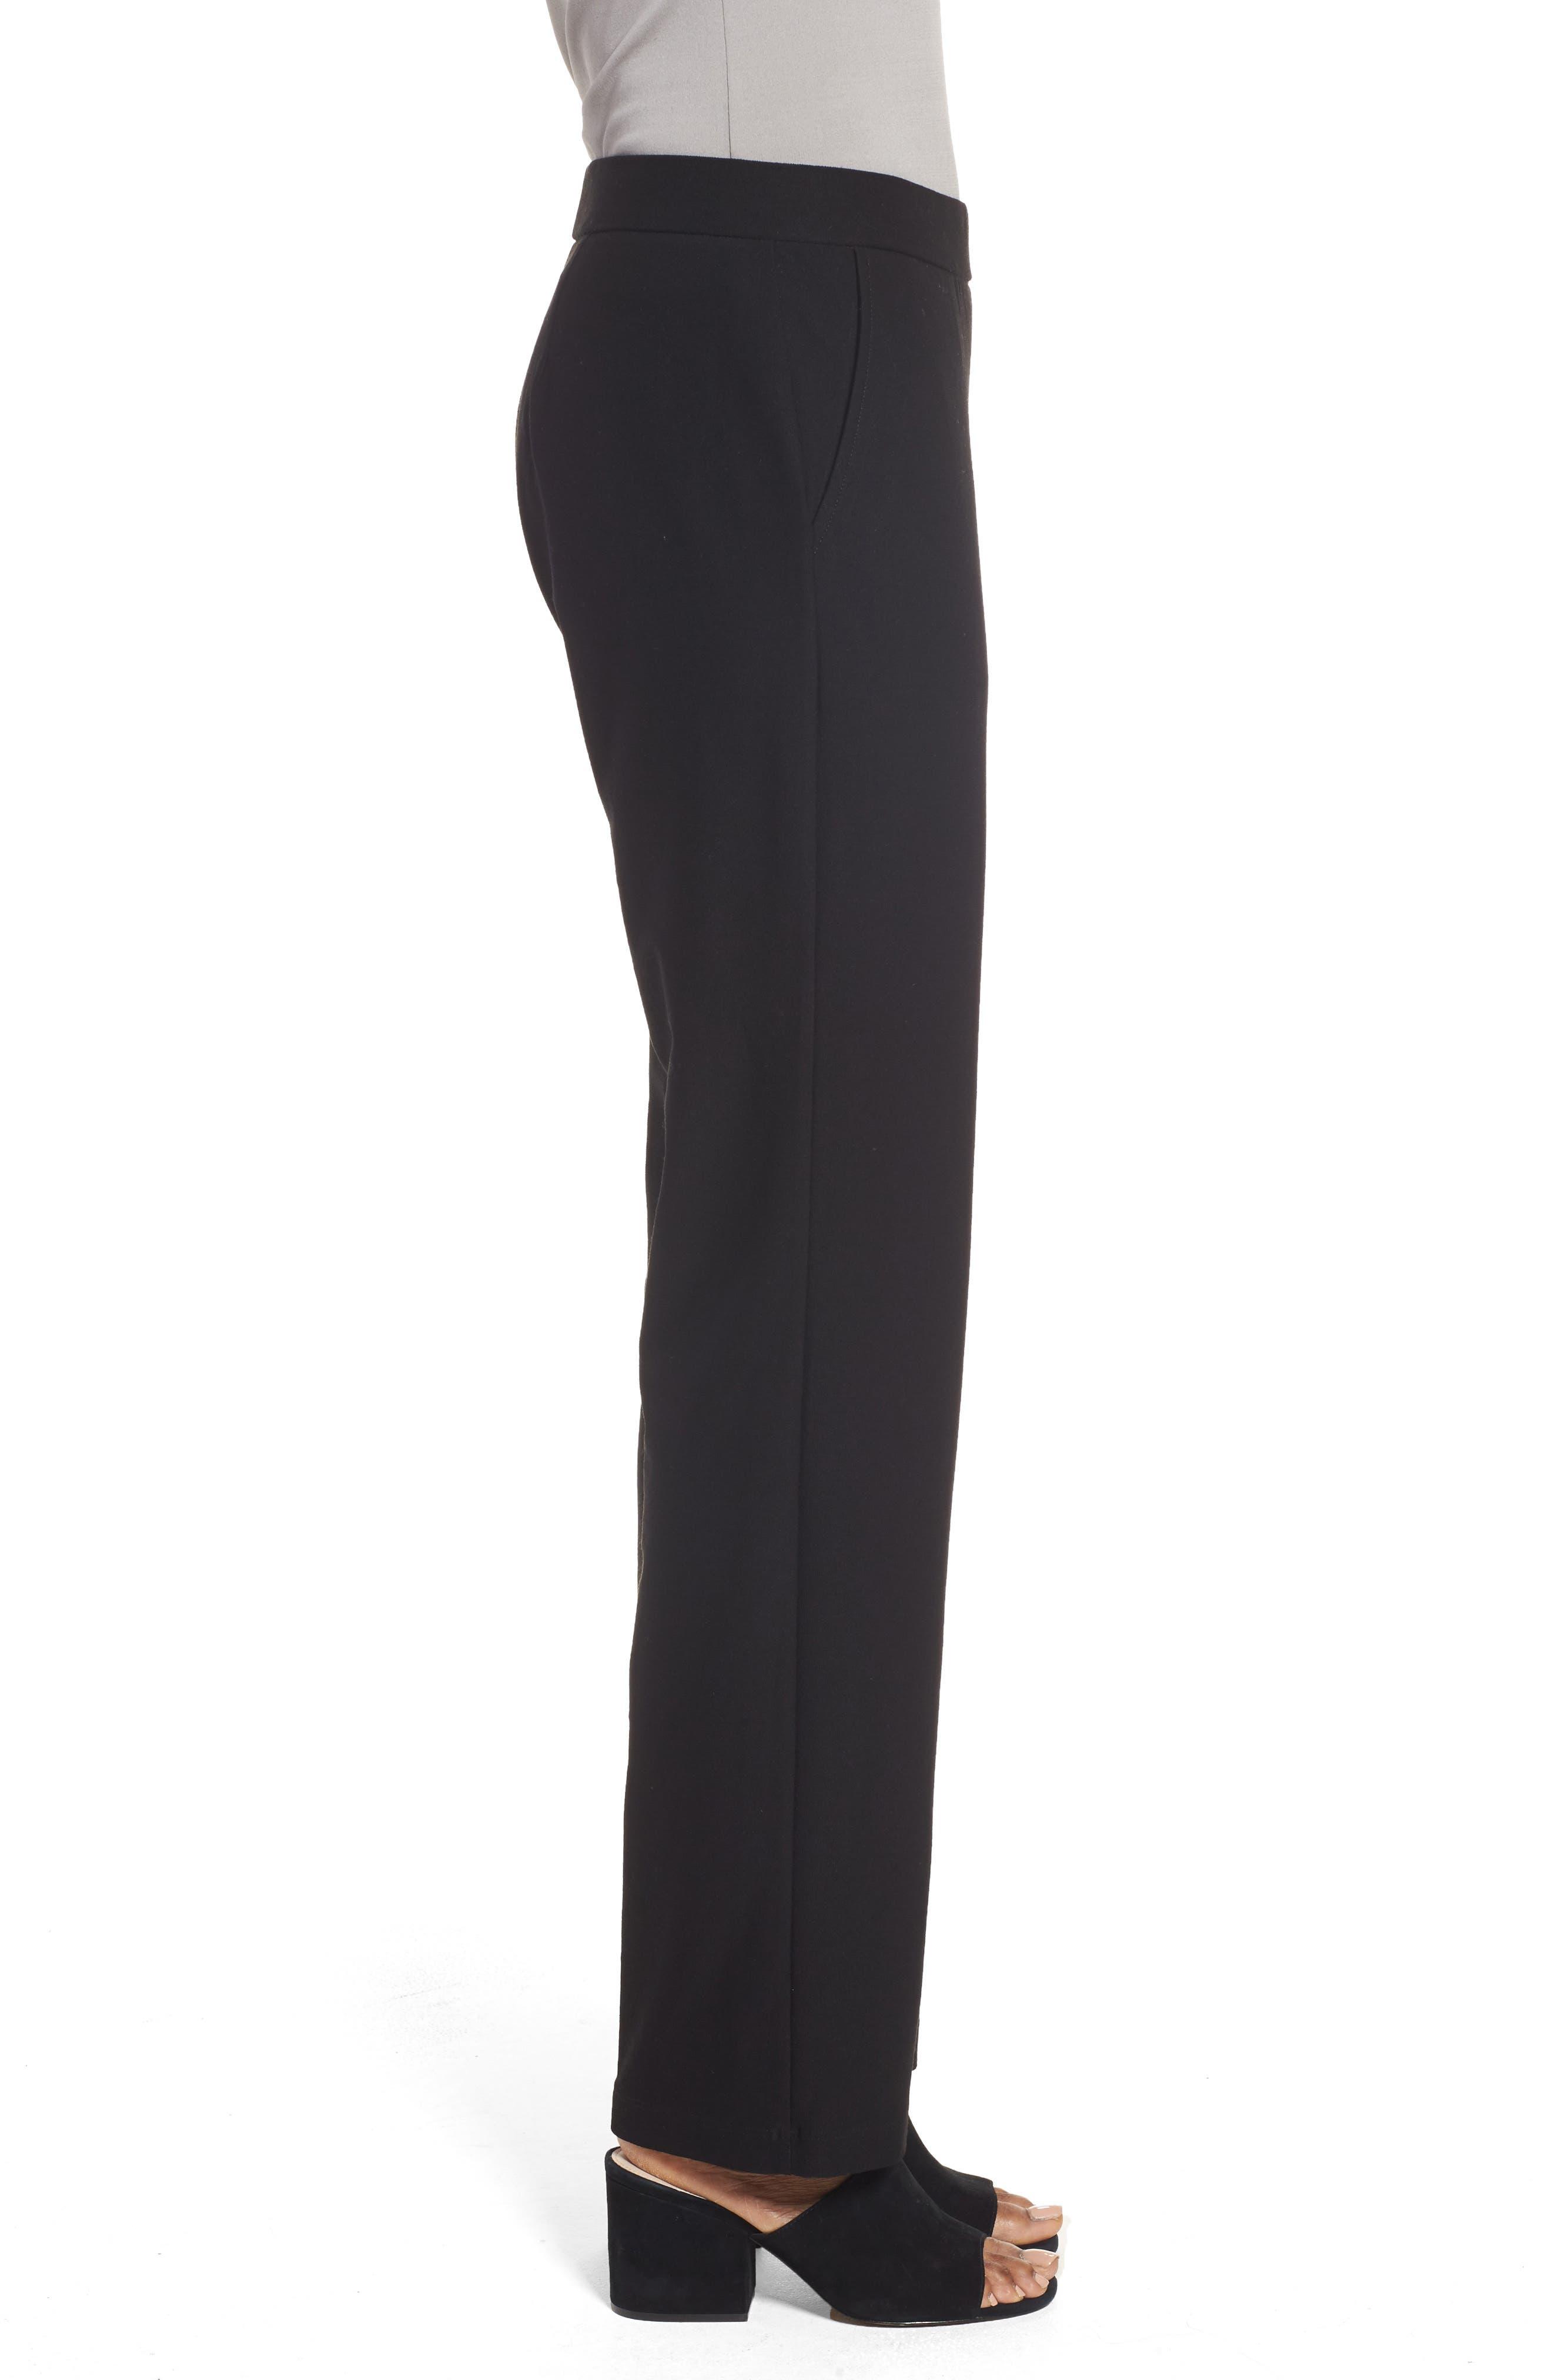 EILEEN FISHER, Straight Leg Pants, Alternate thumbnail 4, color, BLACK